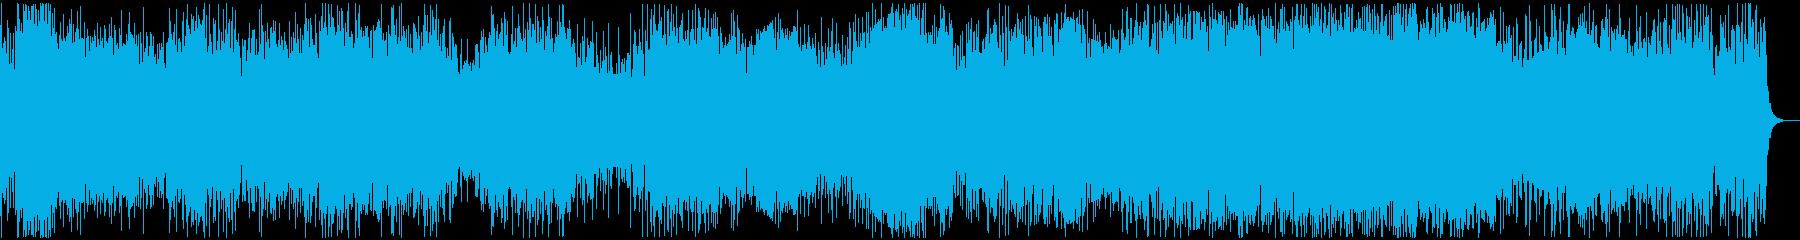 ★ハンドパンが奏でる★奇妙なアンビエントの再生済みの波形